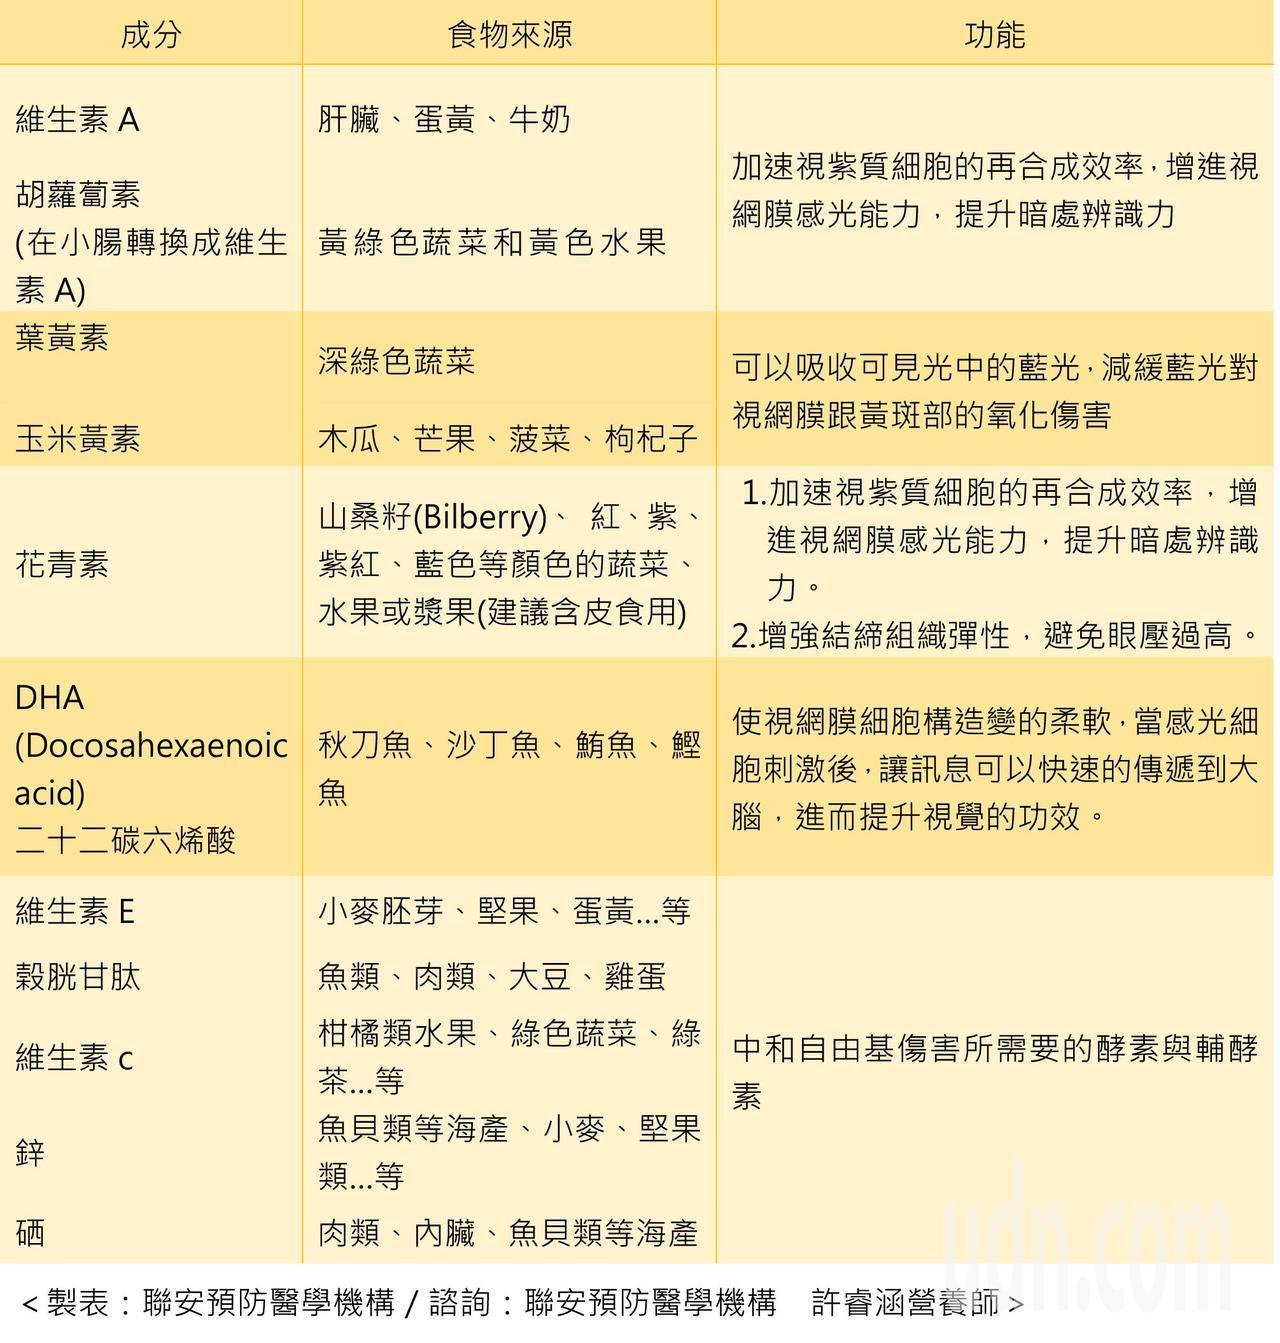 圖/聯安預防醫學機構提供